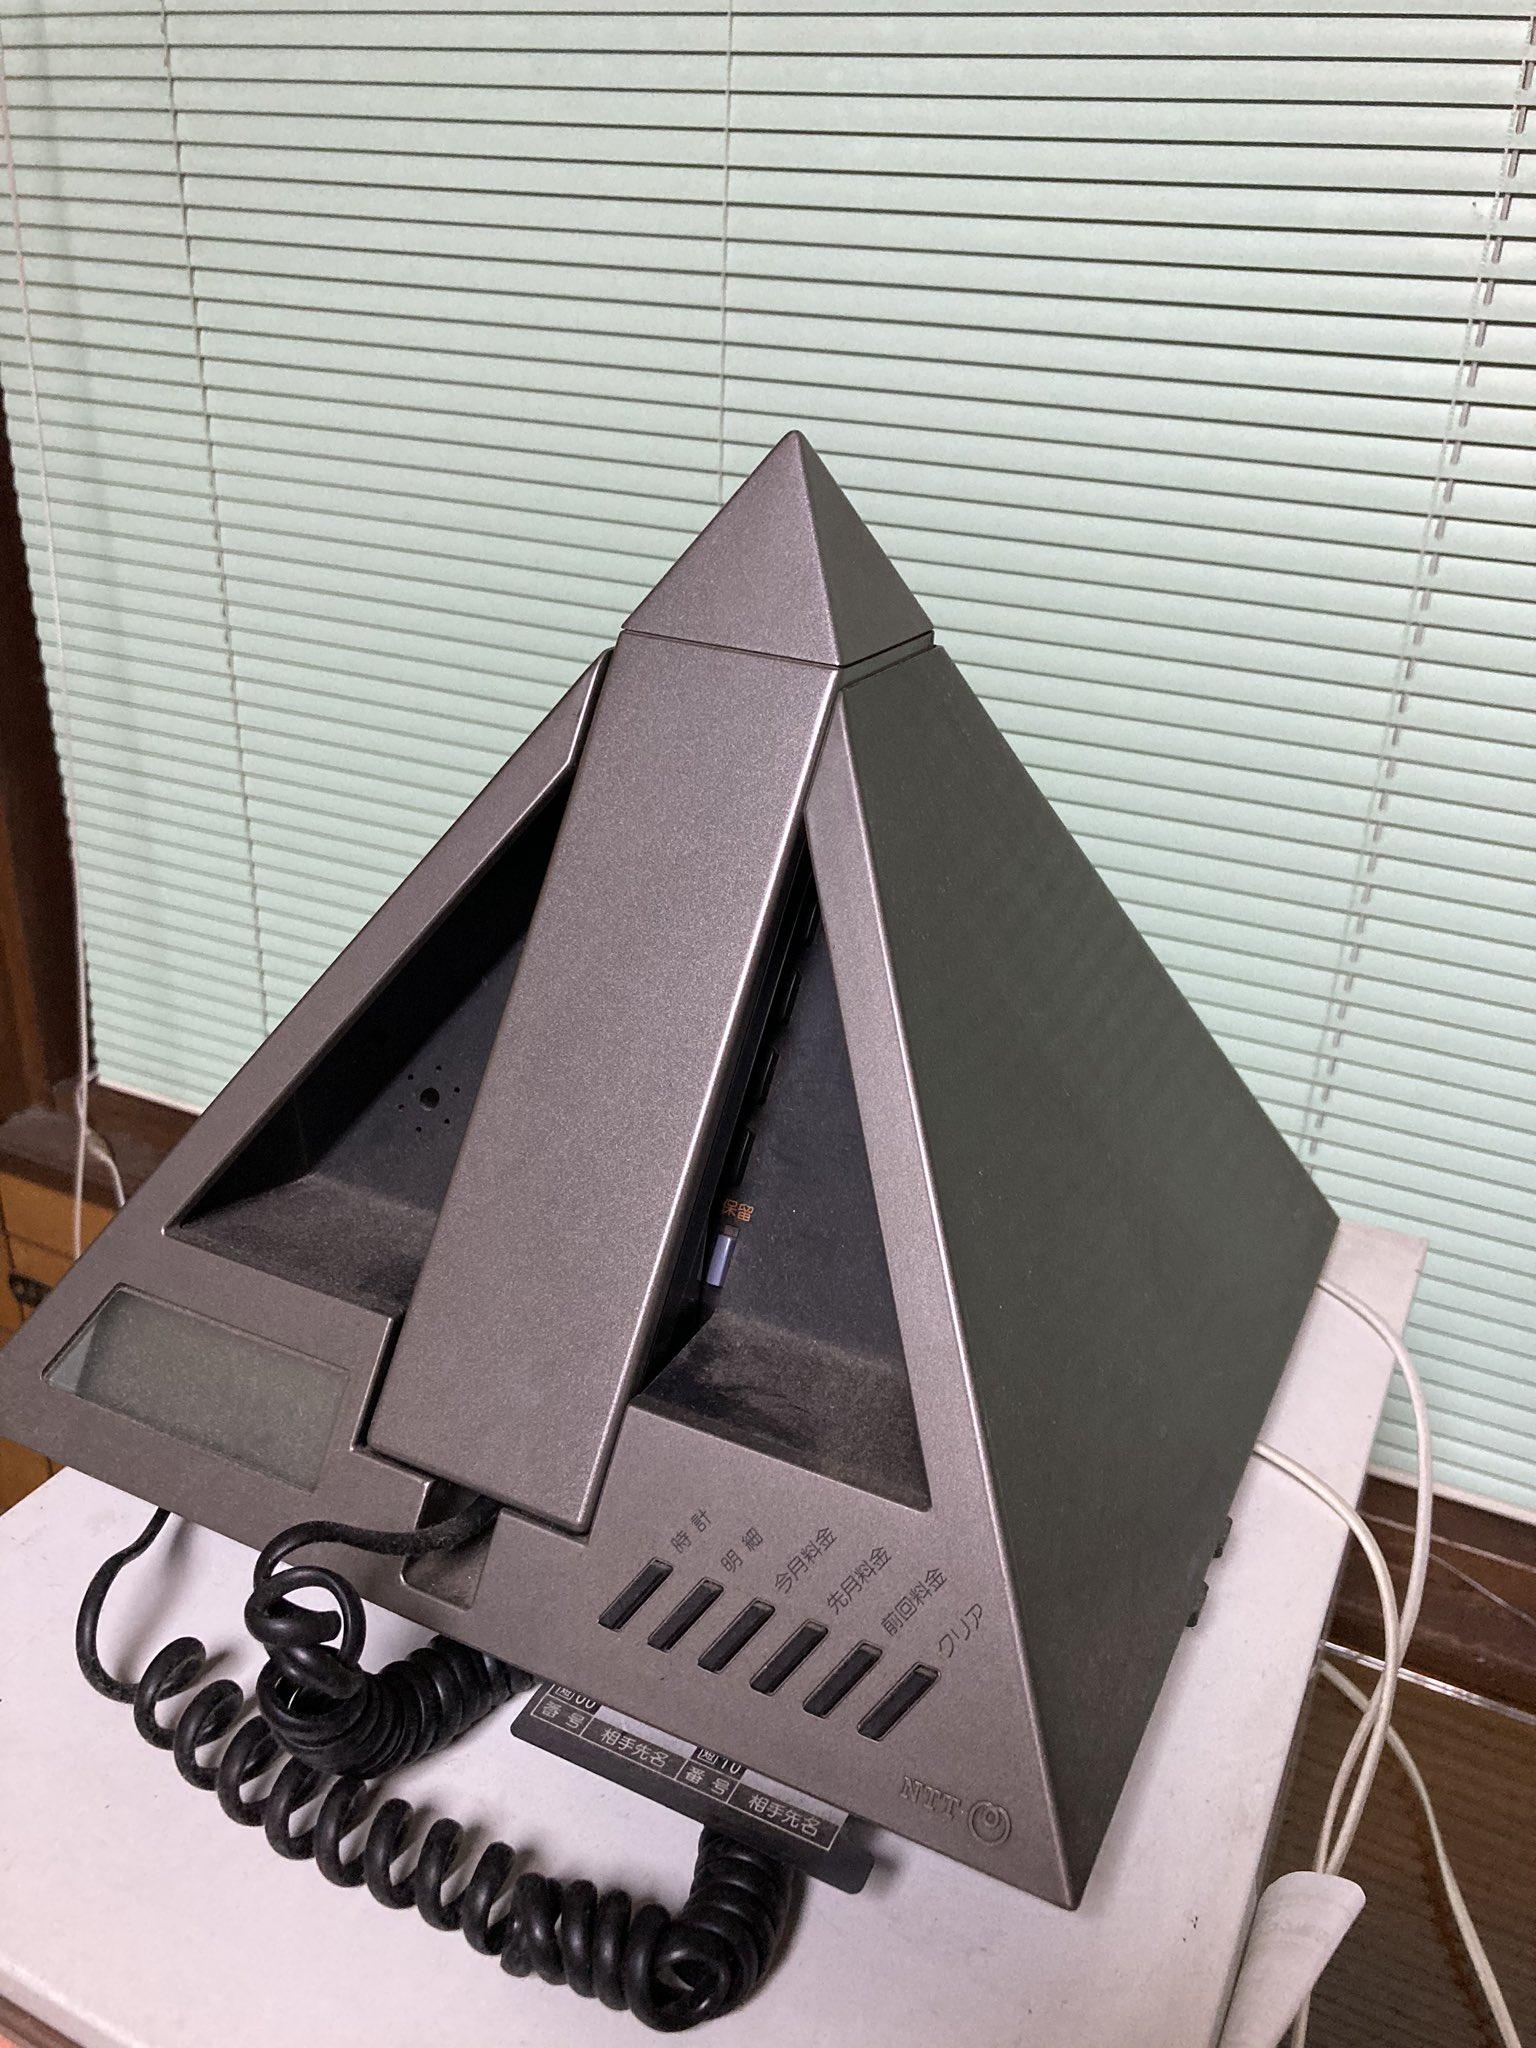 Японский гаджет в форме пирамиды